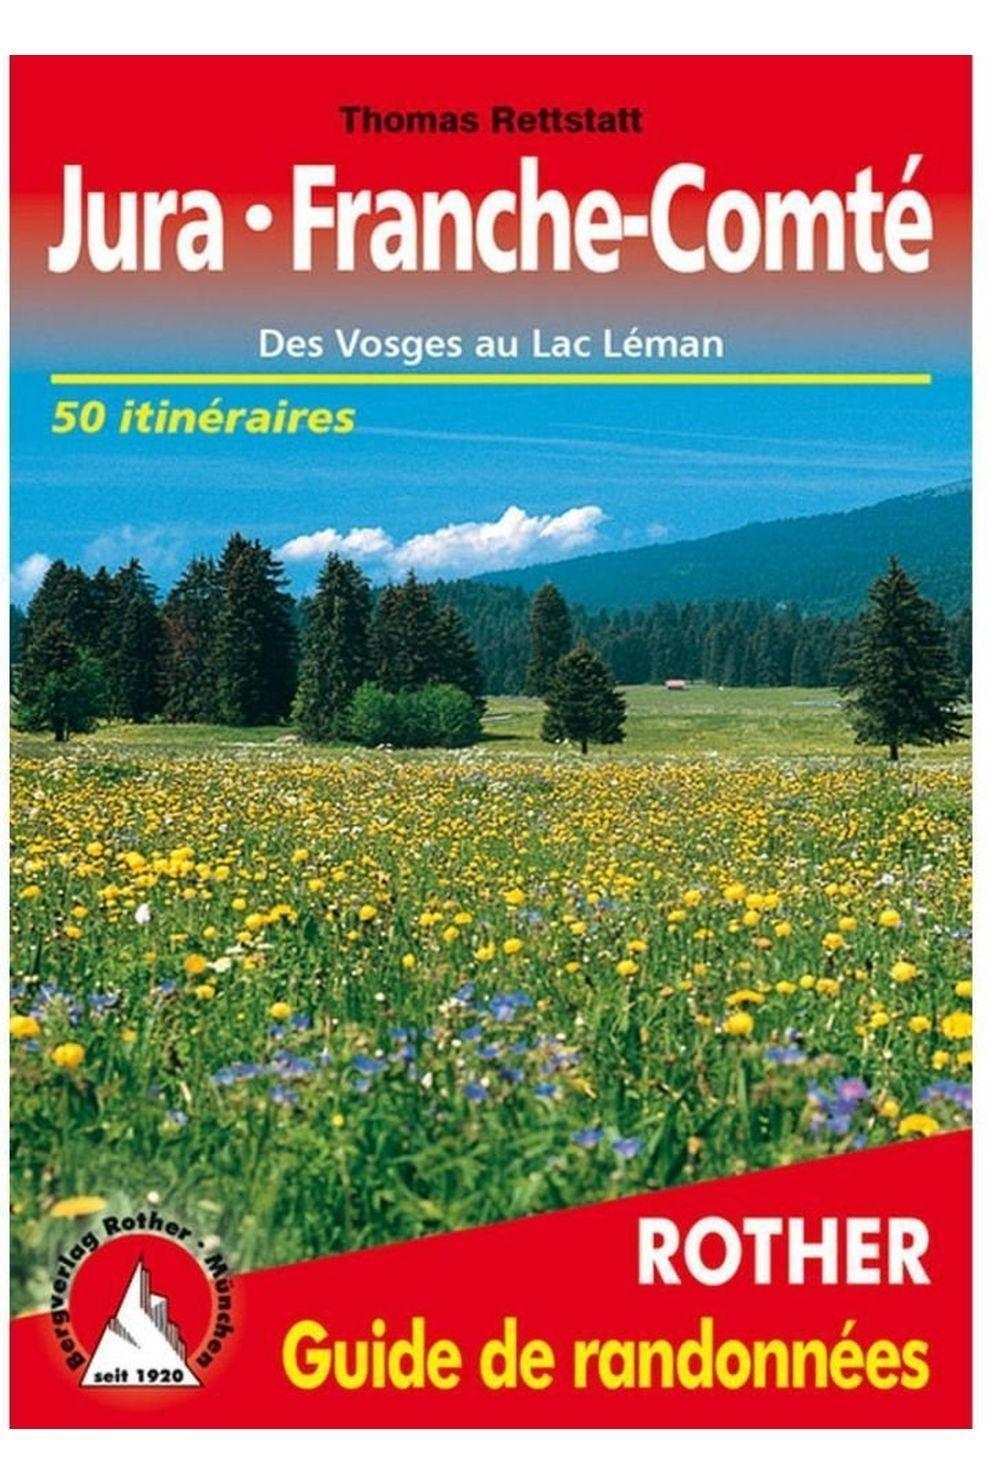 Rother Jura - Franche Comté Guide 50 Voges Au Lac Léman - 2018